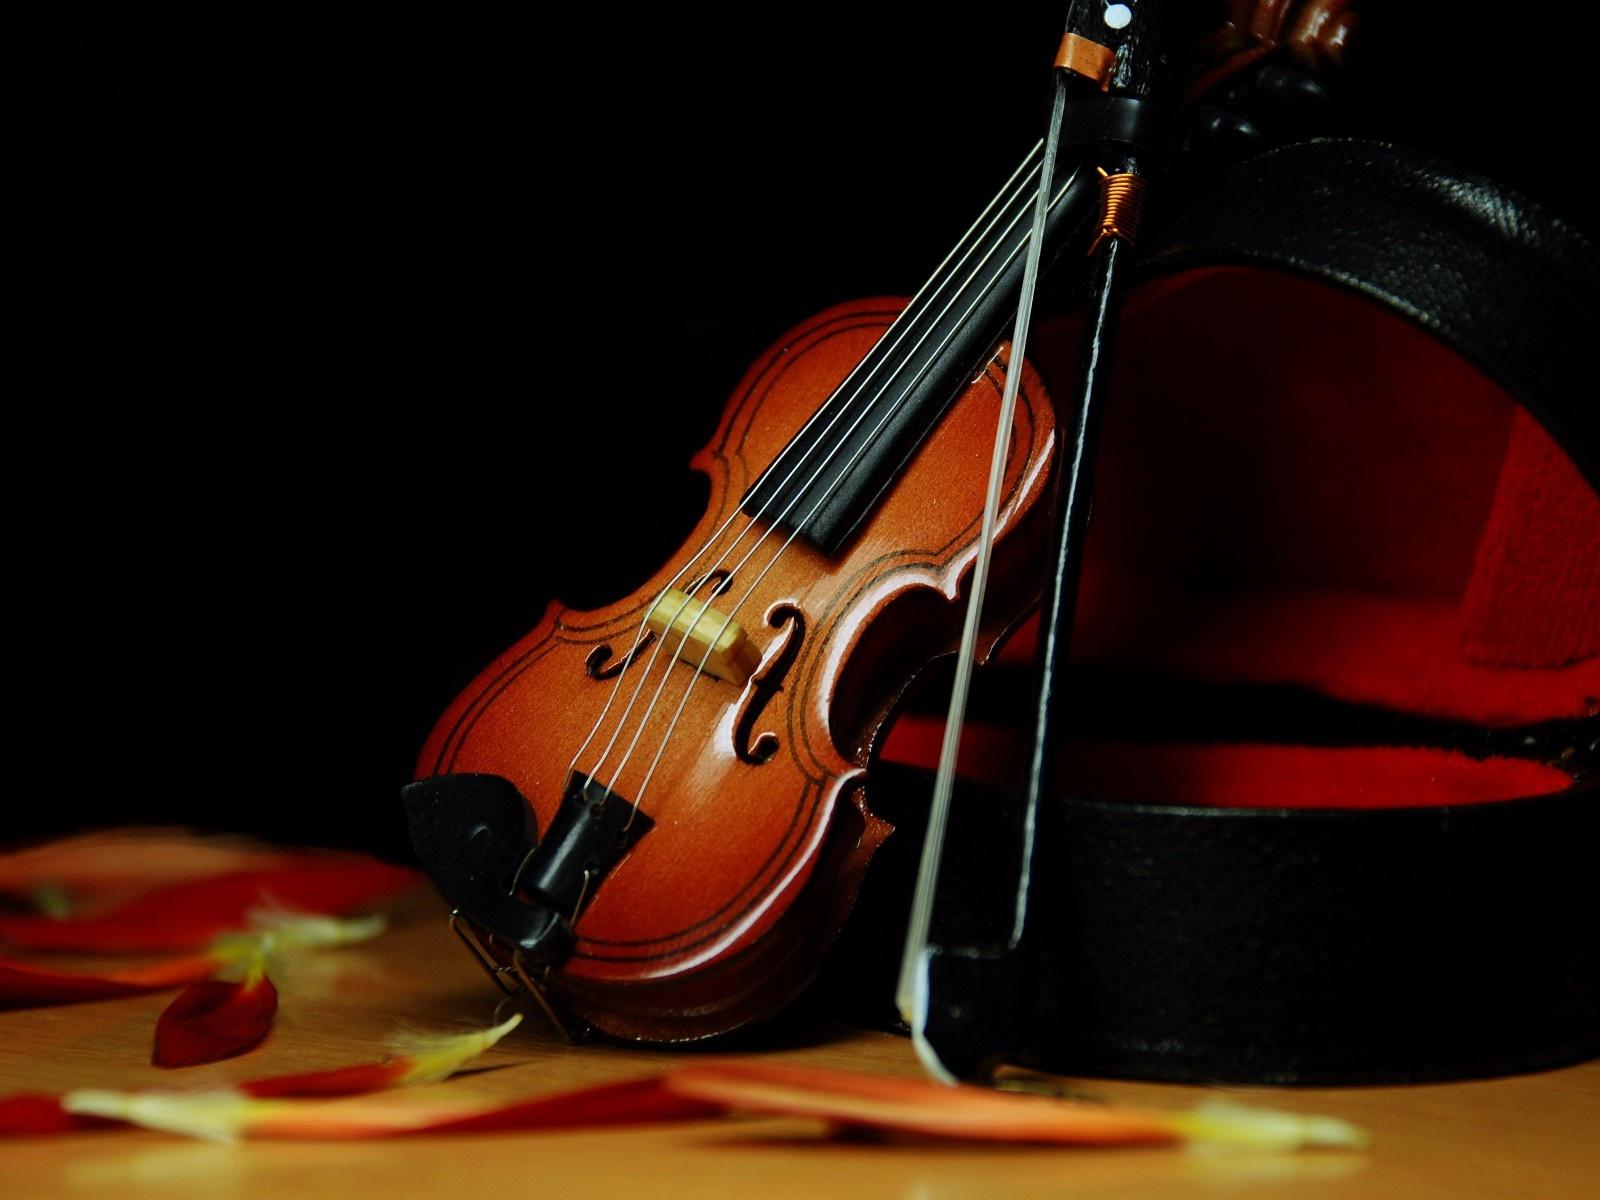 Violin Wallpaper: Beautiful Violin Wallpaper